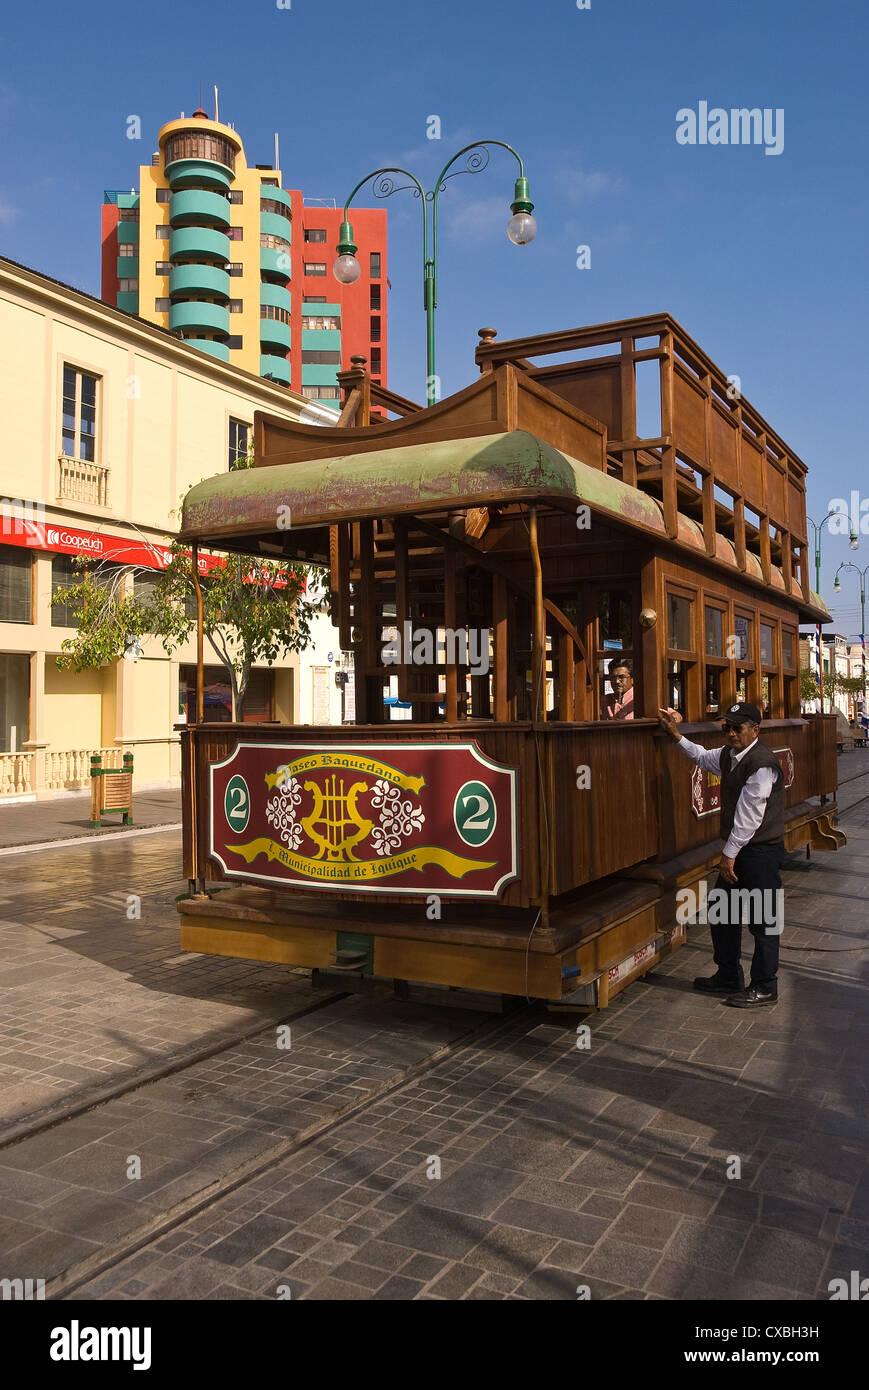 Elk198-2291v Chile, Iquique, Baquedano, carritos de transporte Imagen De Stock